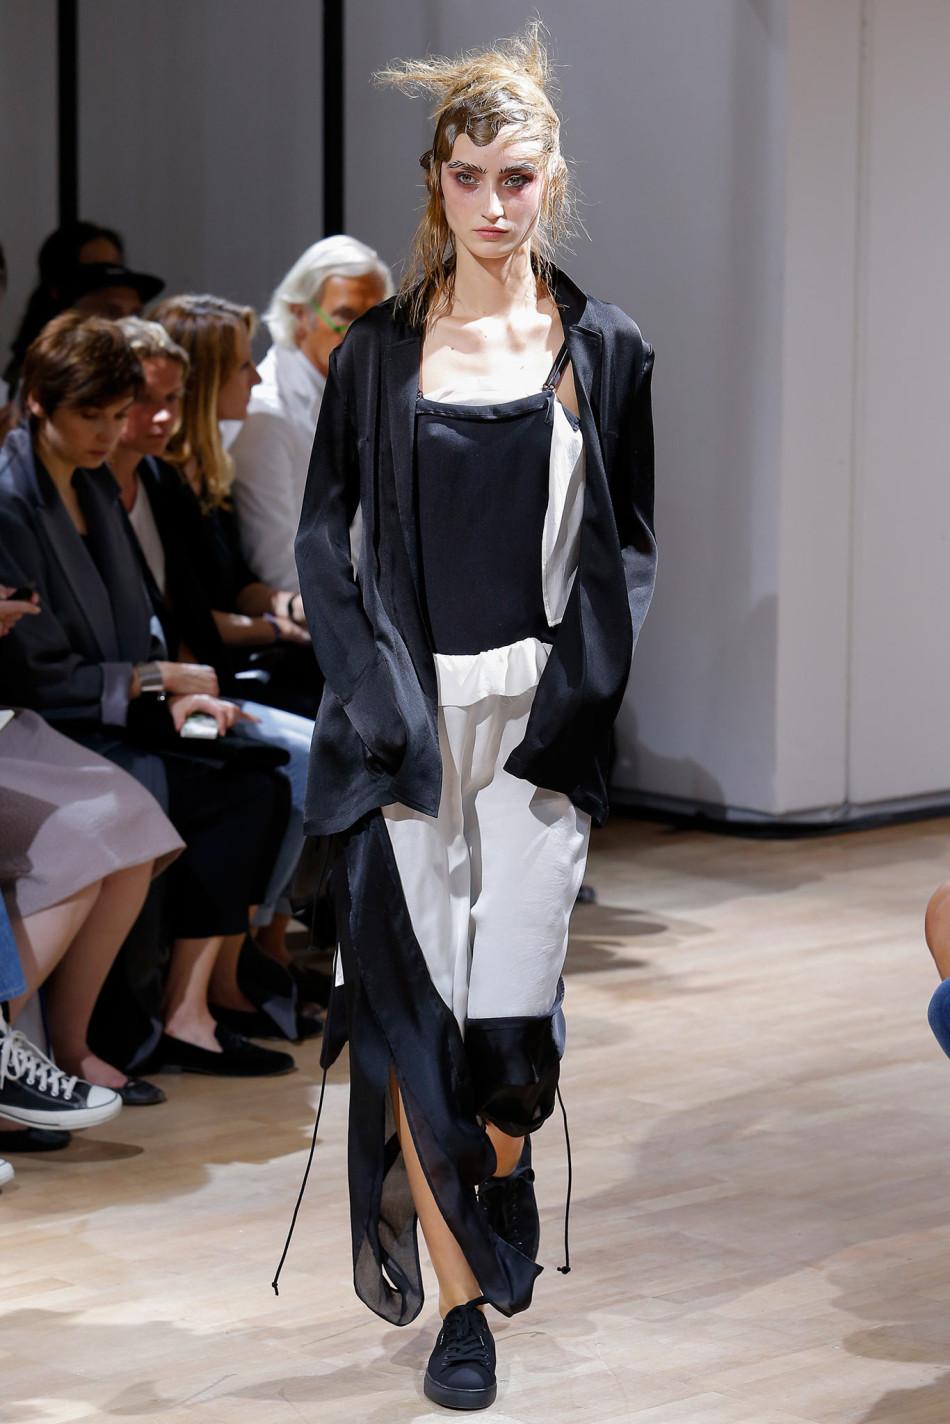 2015春夏巴黎时装周发布会 山本耀司 Yohji Yamamoto 时装秀图片